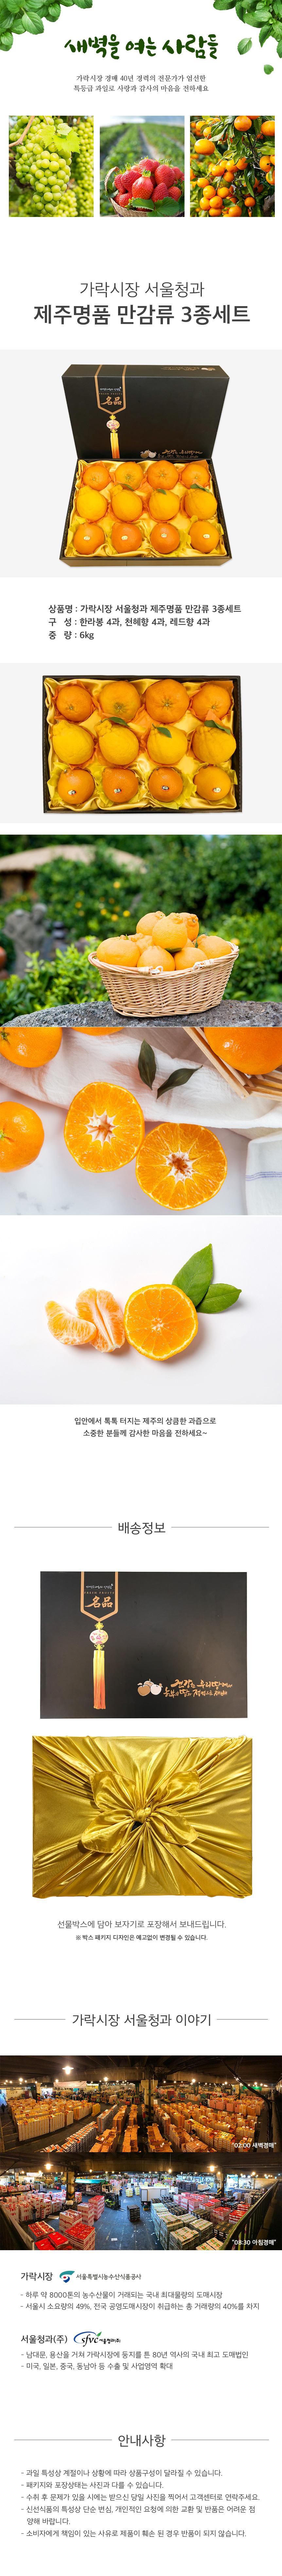 가락시장 서울청과 제주도 만감류 3종세트 6kg (한라봉 4과+천혜향 4과+레드향 4과)